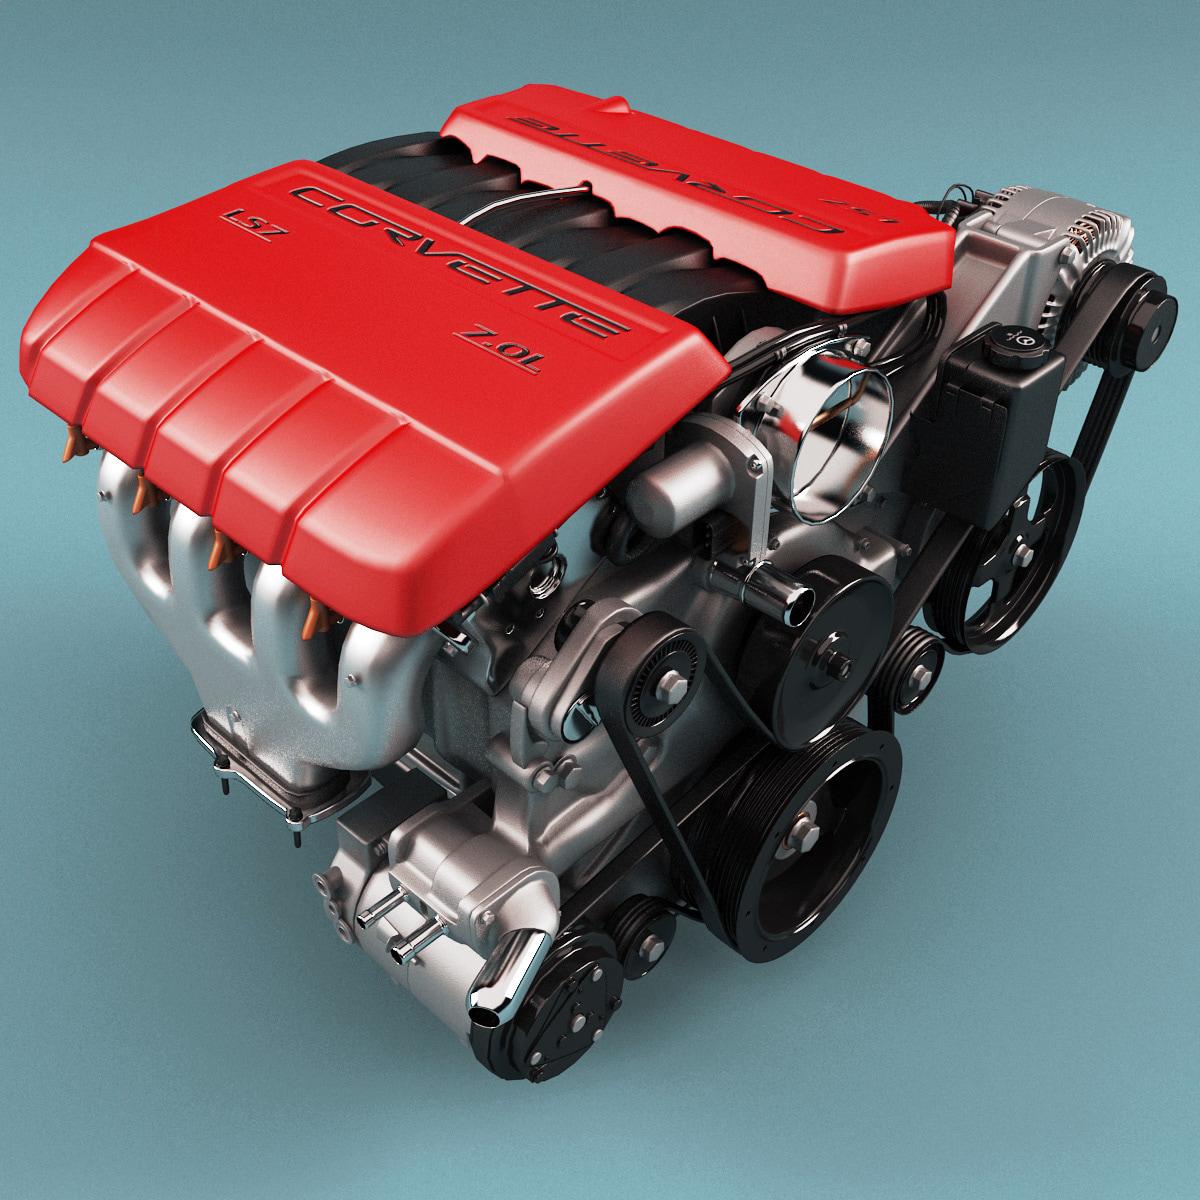 Chevrolet_Corvet_LS7_Engine_01.jpg